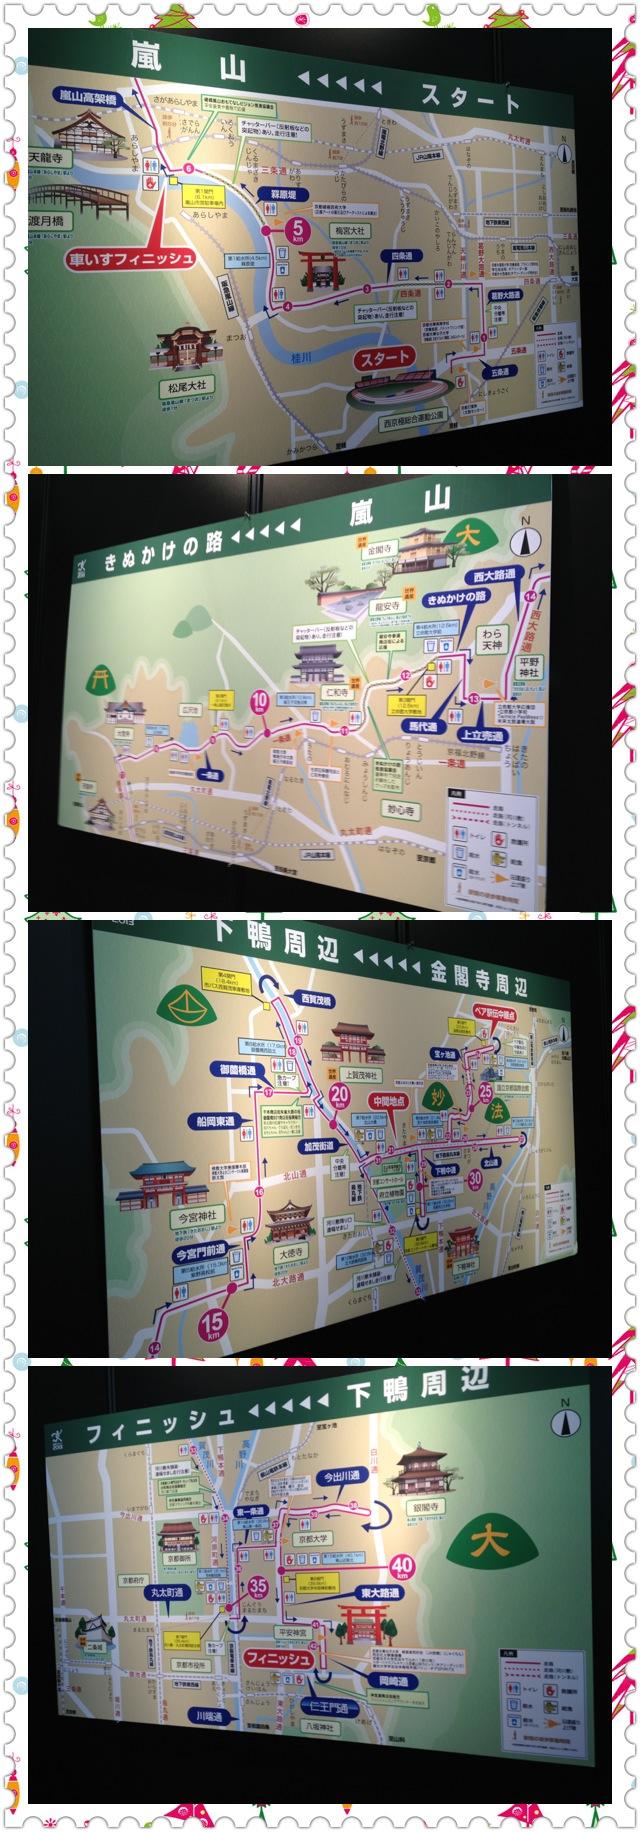 2013年3月10日 京都マラソン_a0194908_1474333.jpg